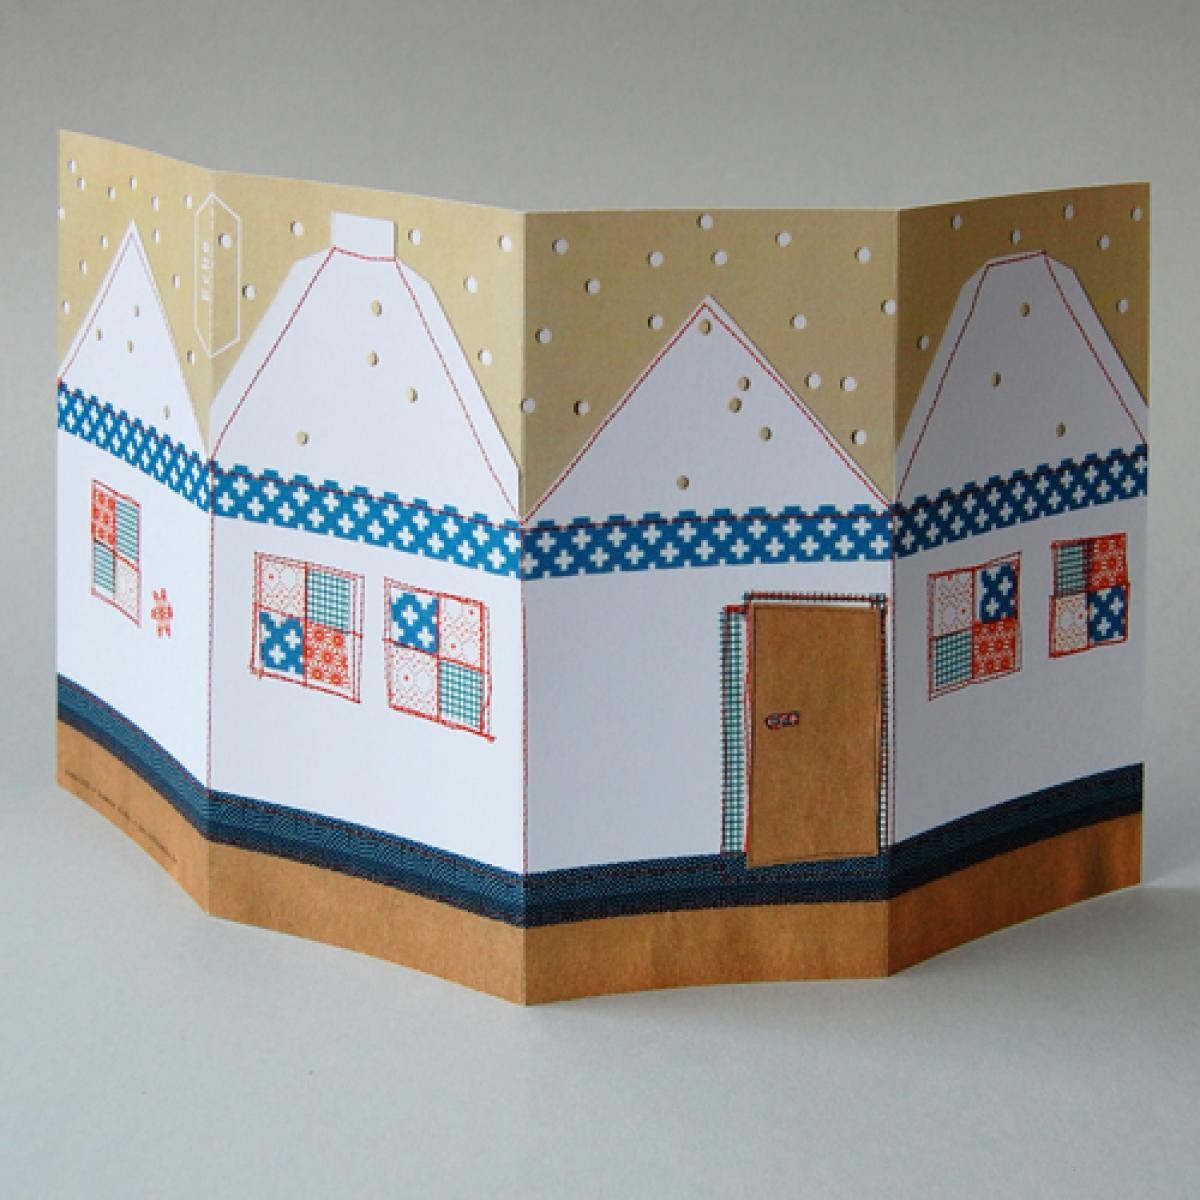 bastel weihnachtskarten mit kuscheligem haus zum basteln. Black Bedroom Furniture Sets. Home Design Ideas